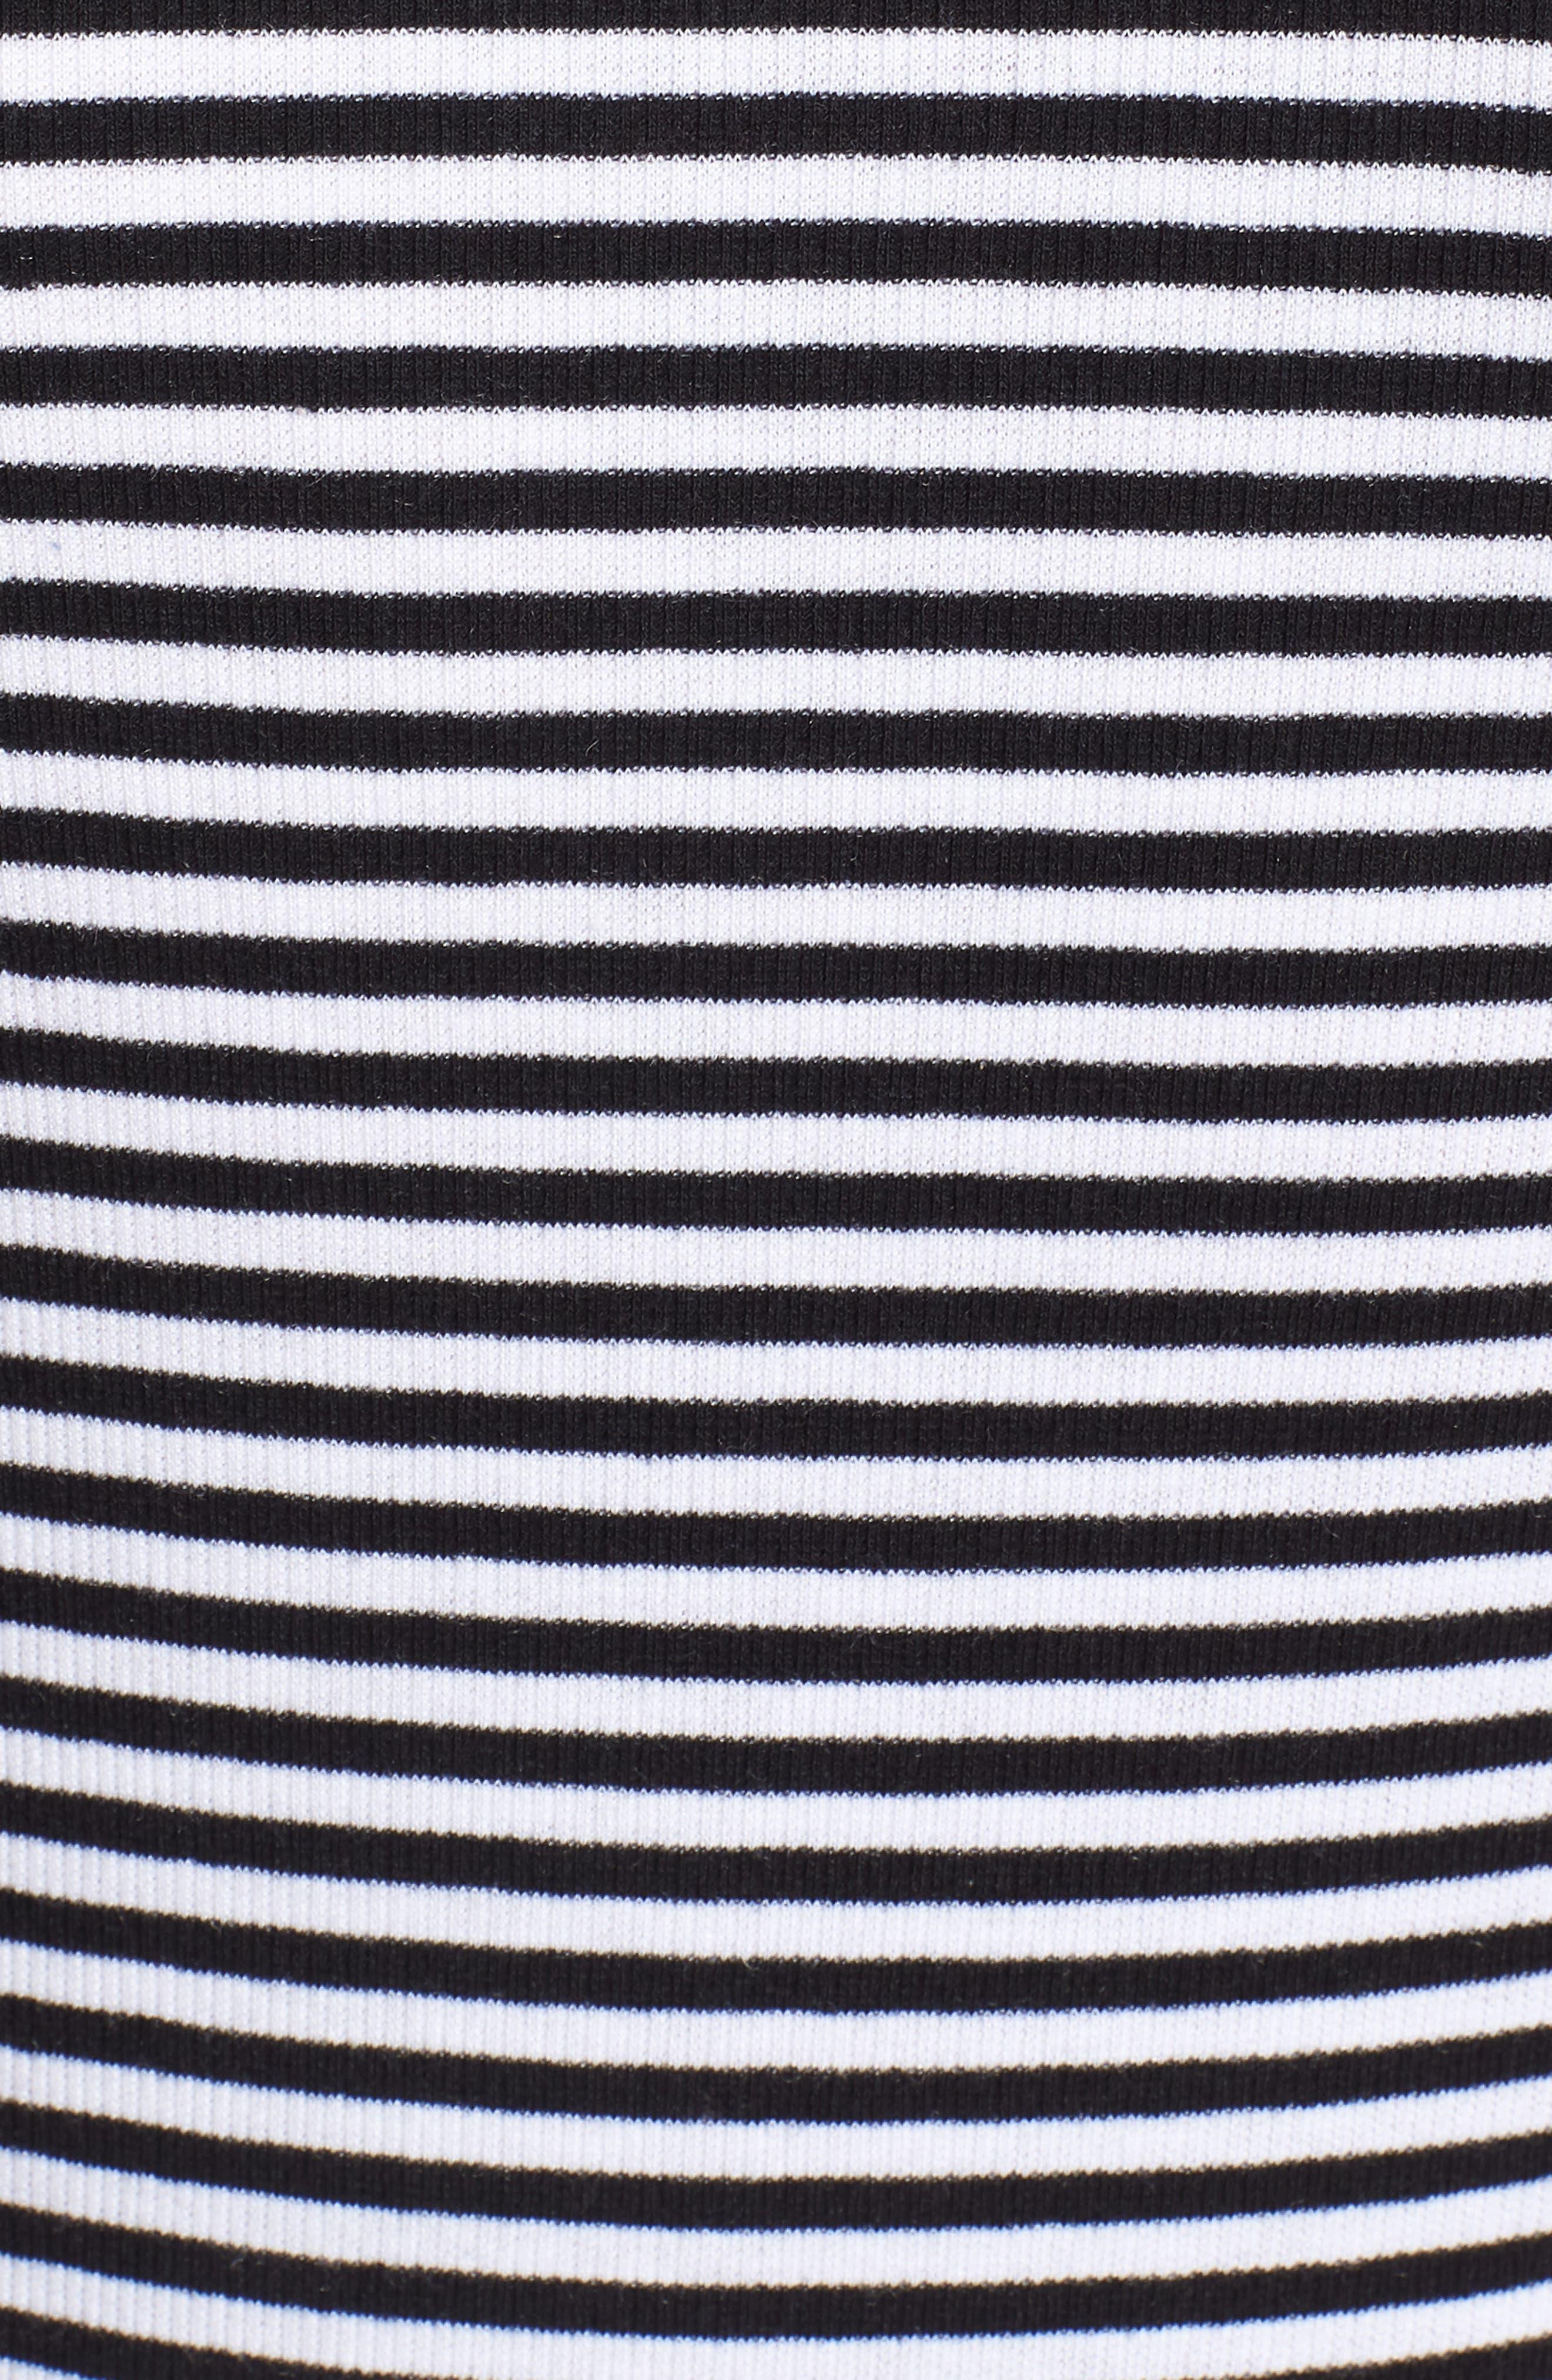 Stripe Cutout Dress,                             Alternate thumbnail 6, color,                             Black W White